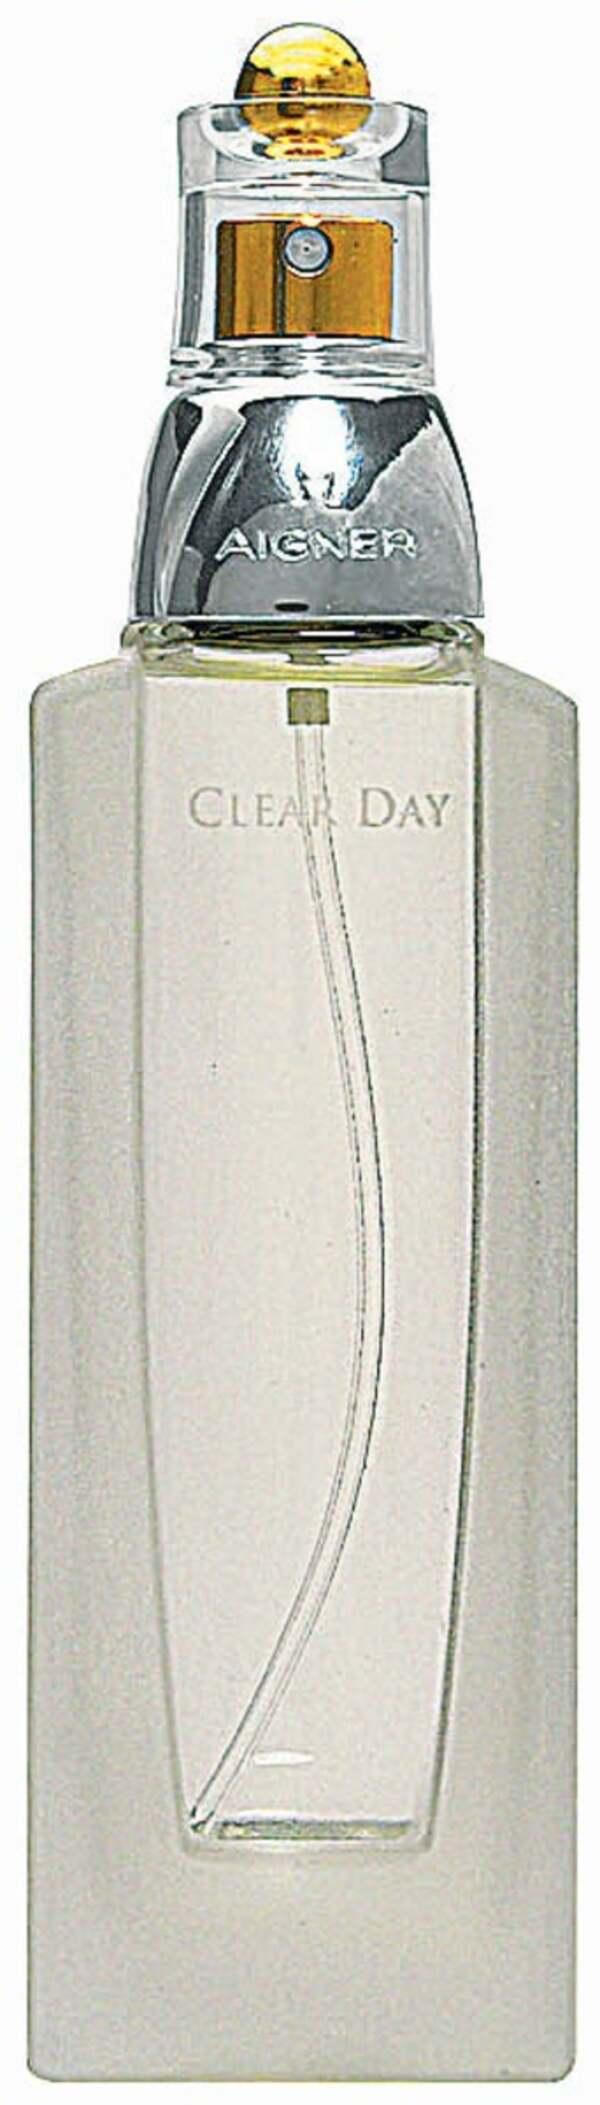 Etienne Aigner Clear Day              Woman Eau de Toilette